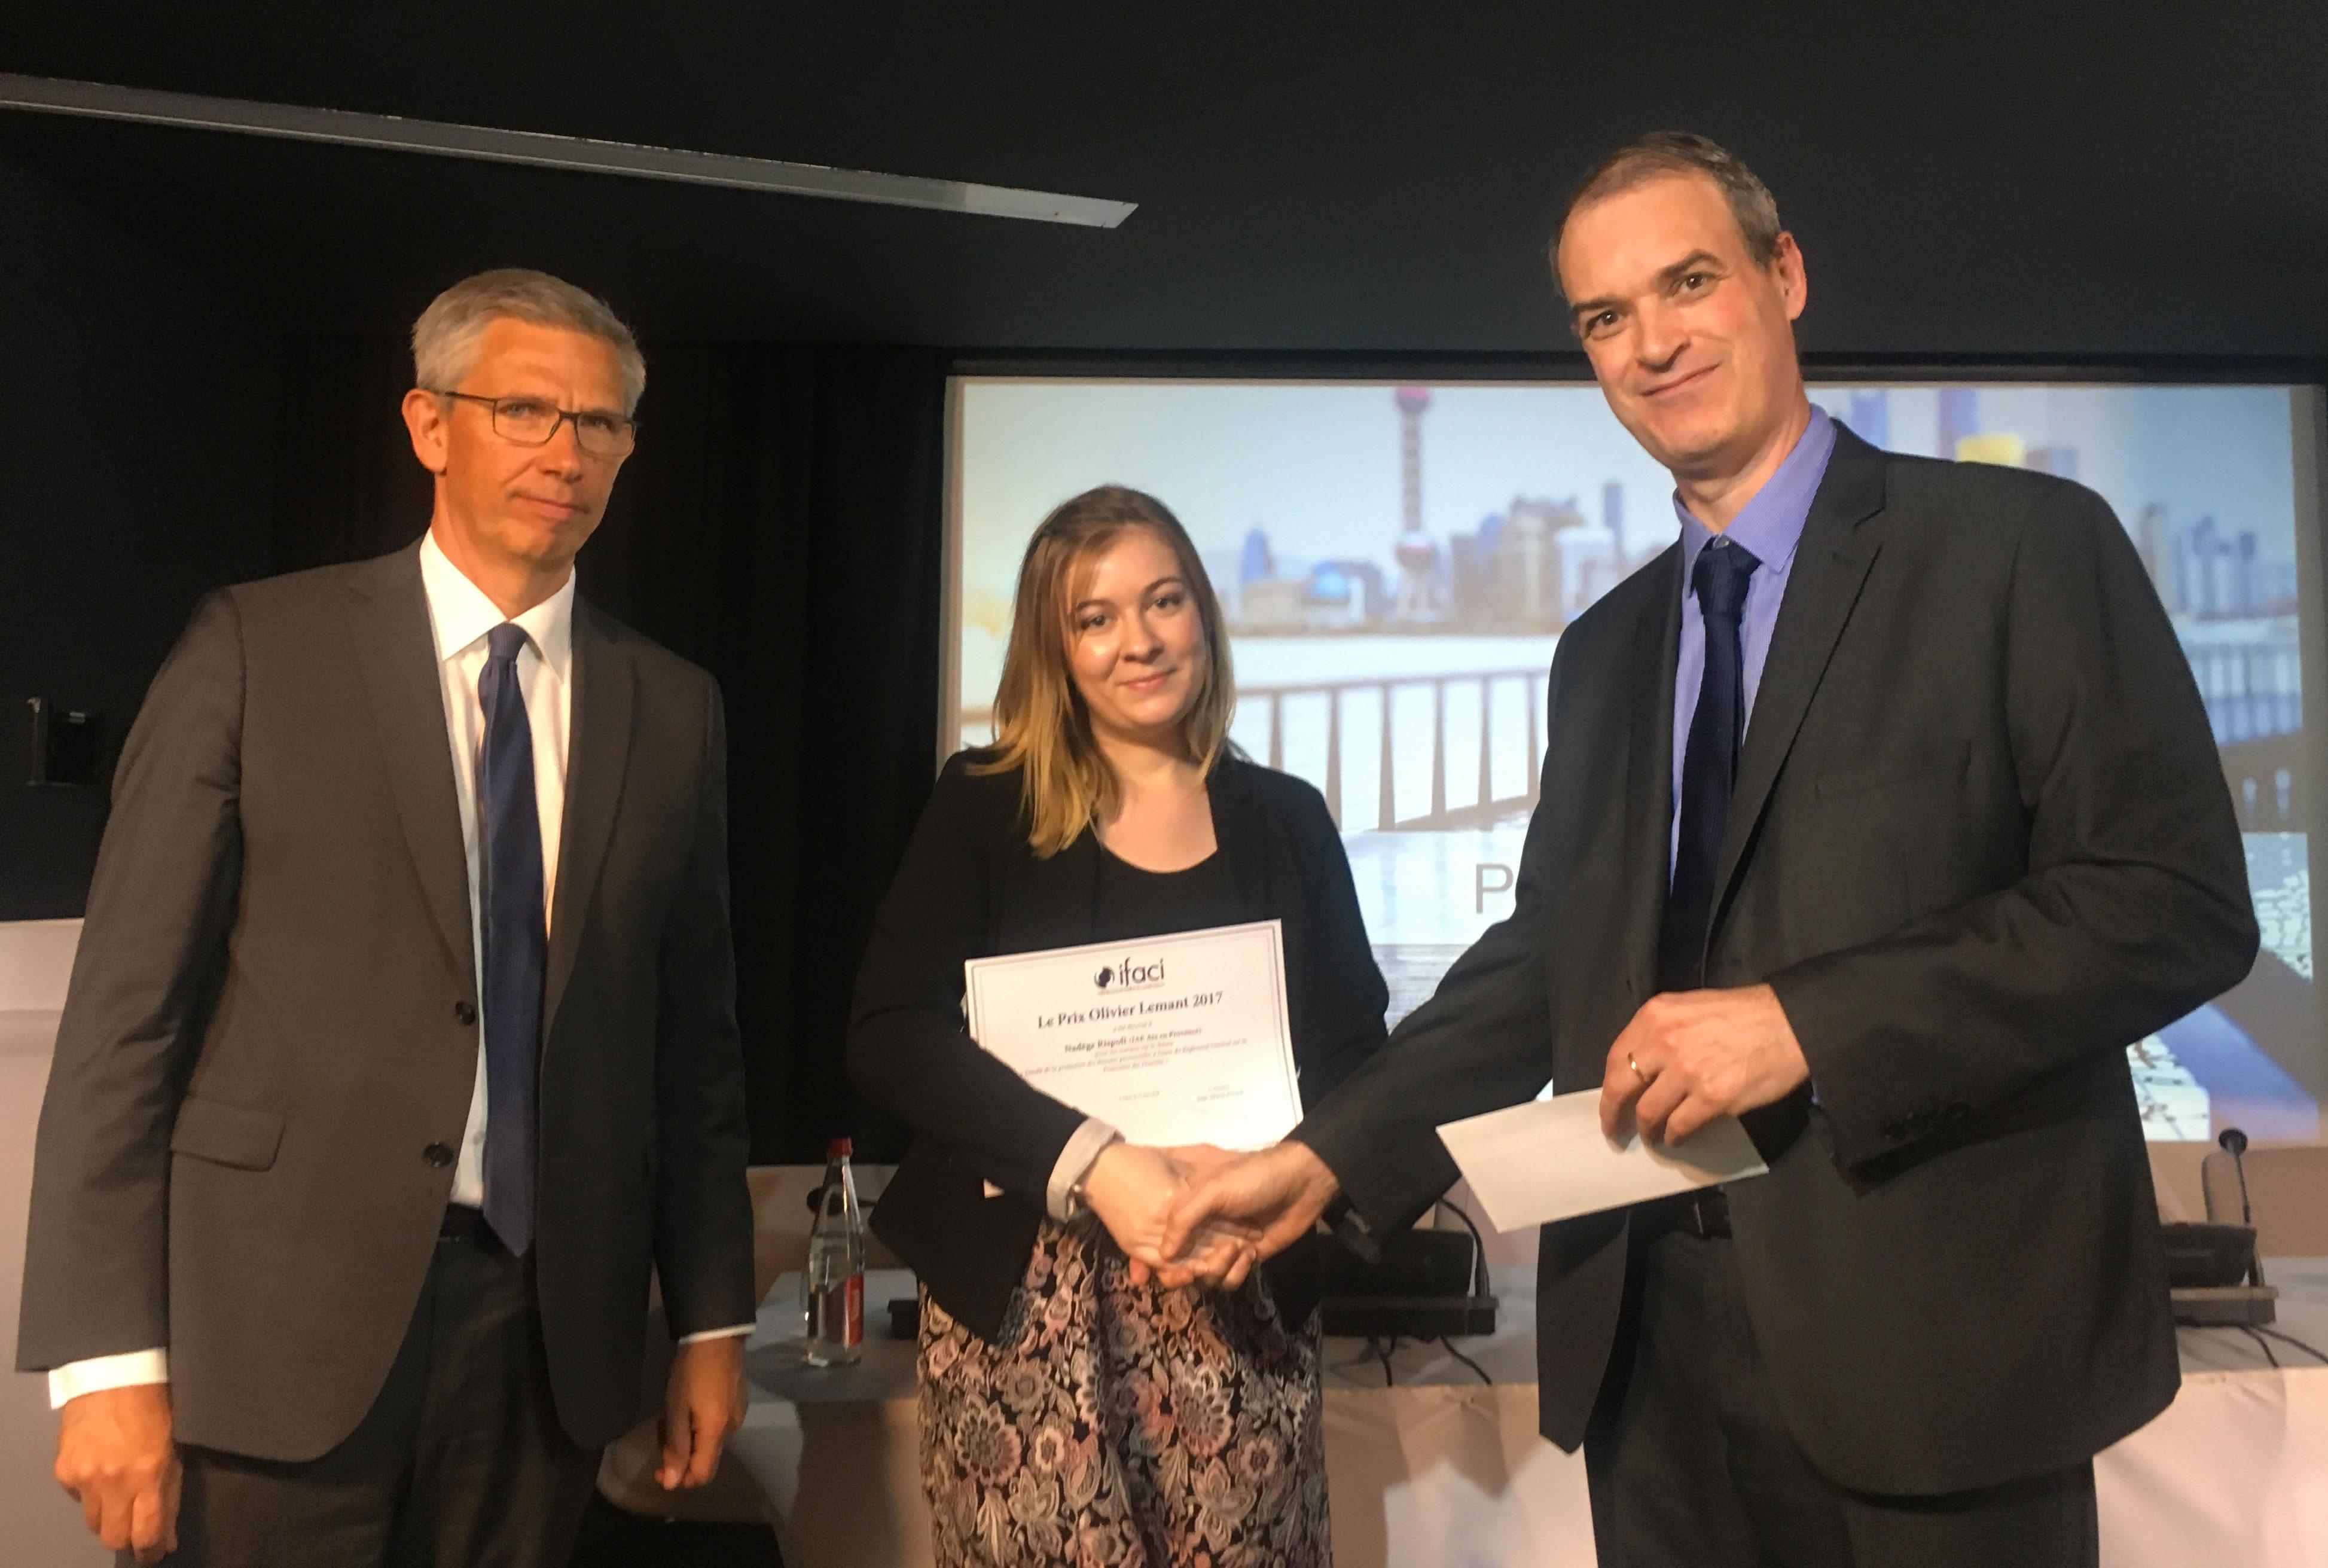 Remise du Prix Olivier Lemant 2017